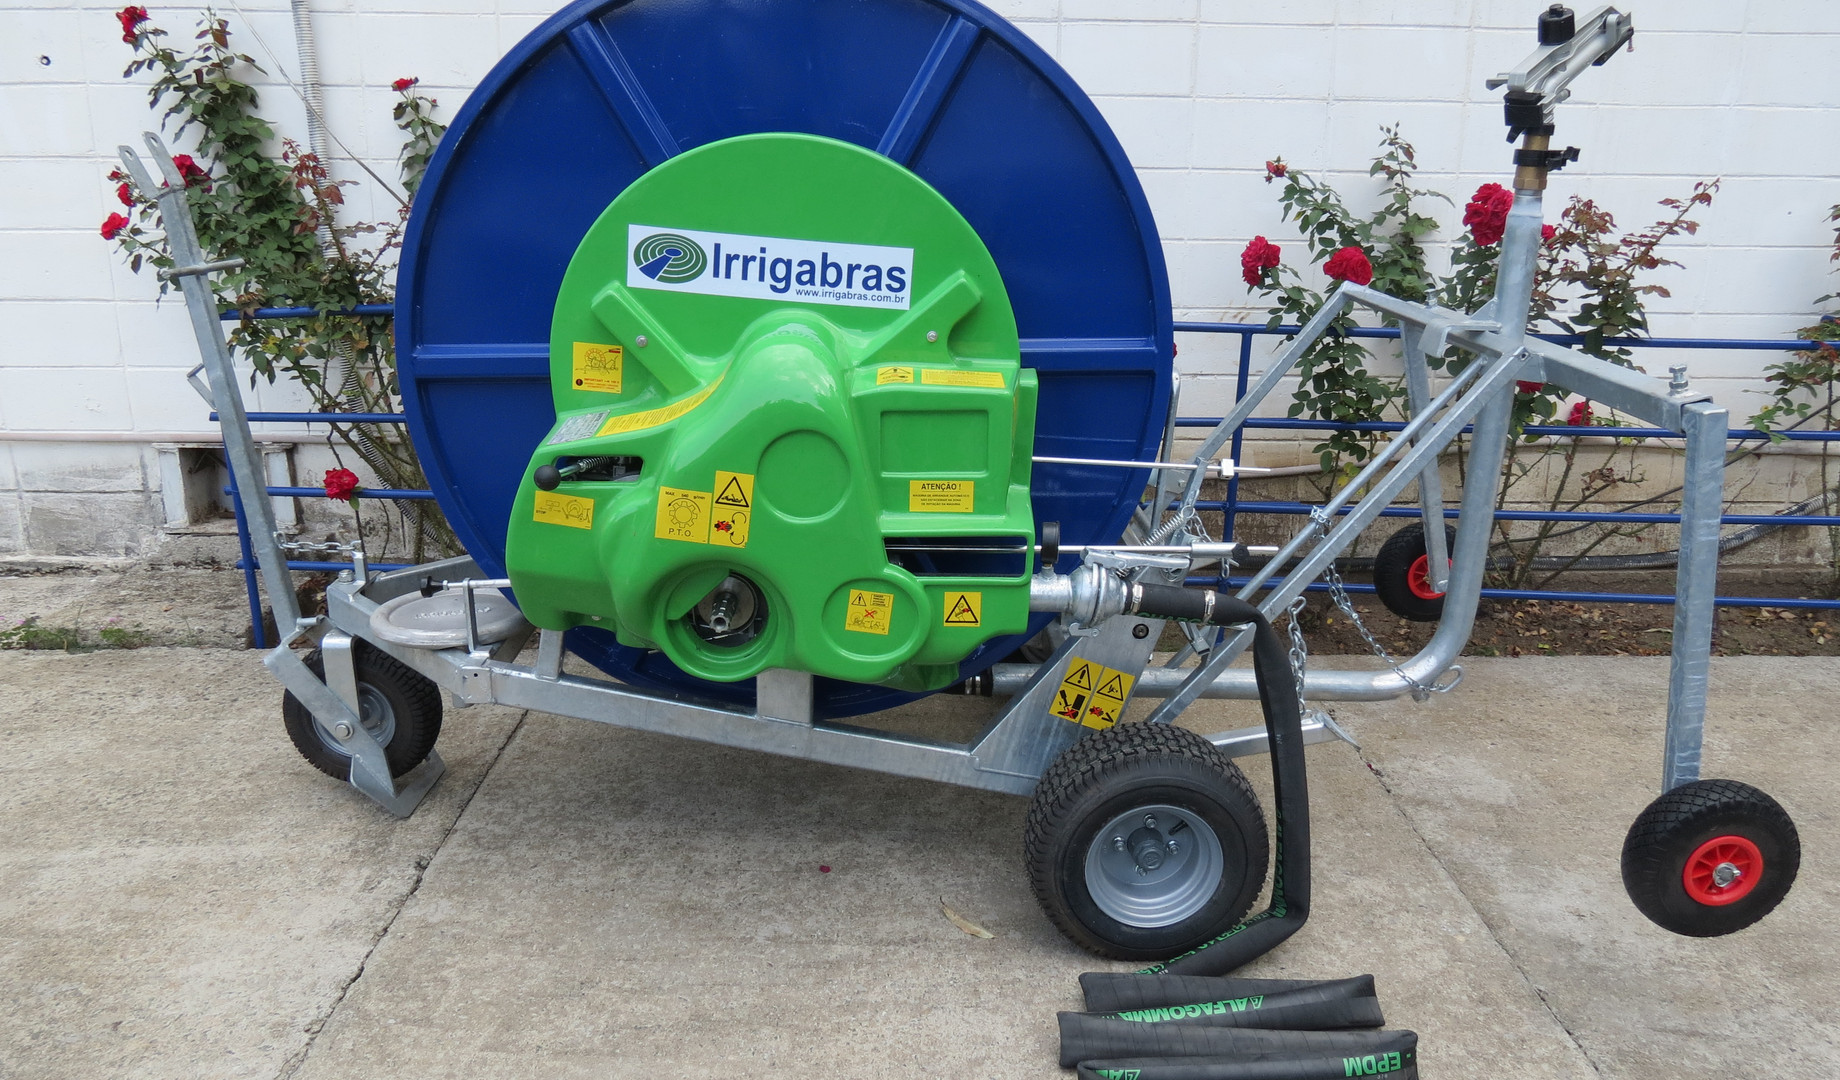 carretel de irrigacao irrigabas rolao enrolador